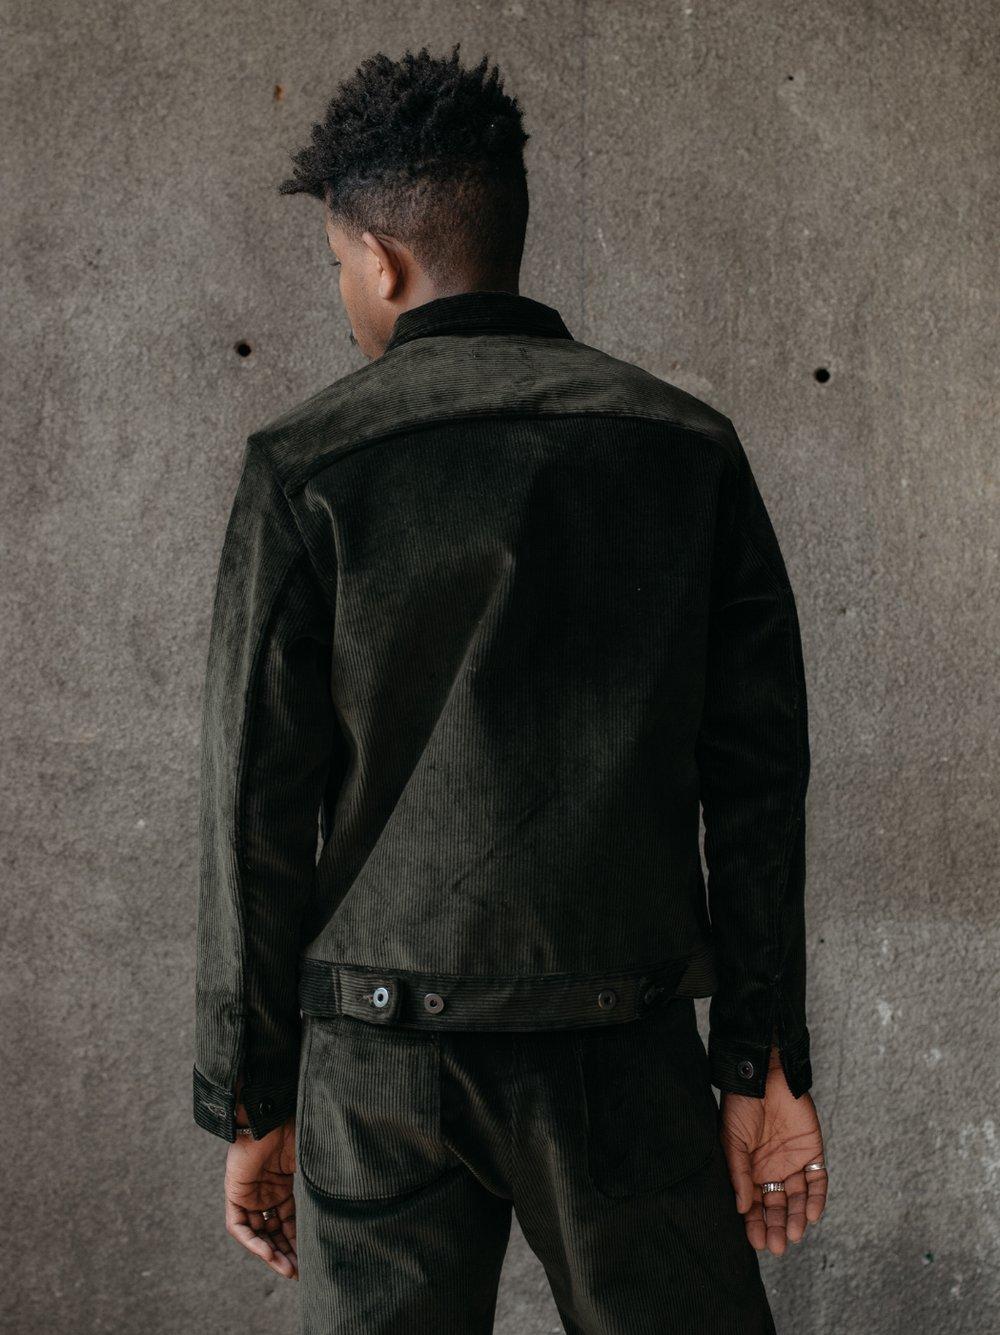 evan-kinori-pleated-jacket-dark-olive-corduroy-fall-2017-3